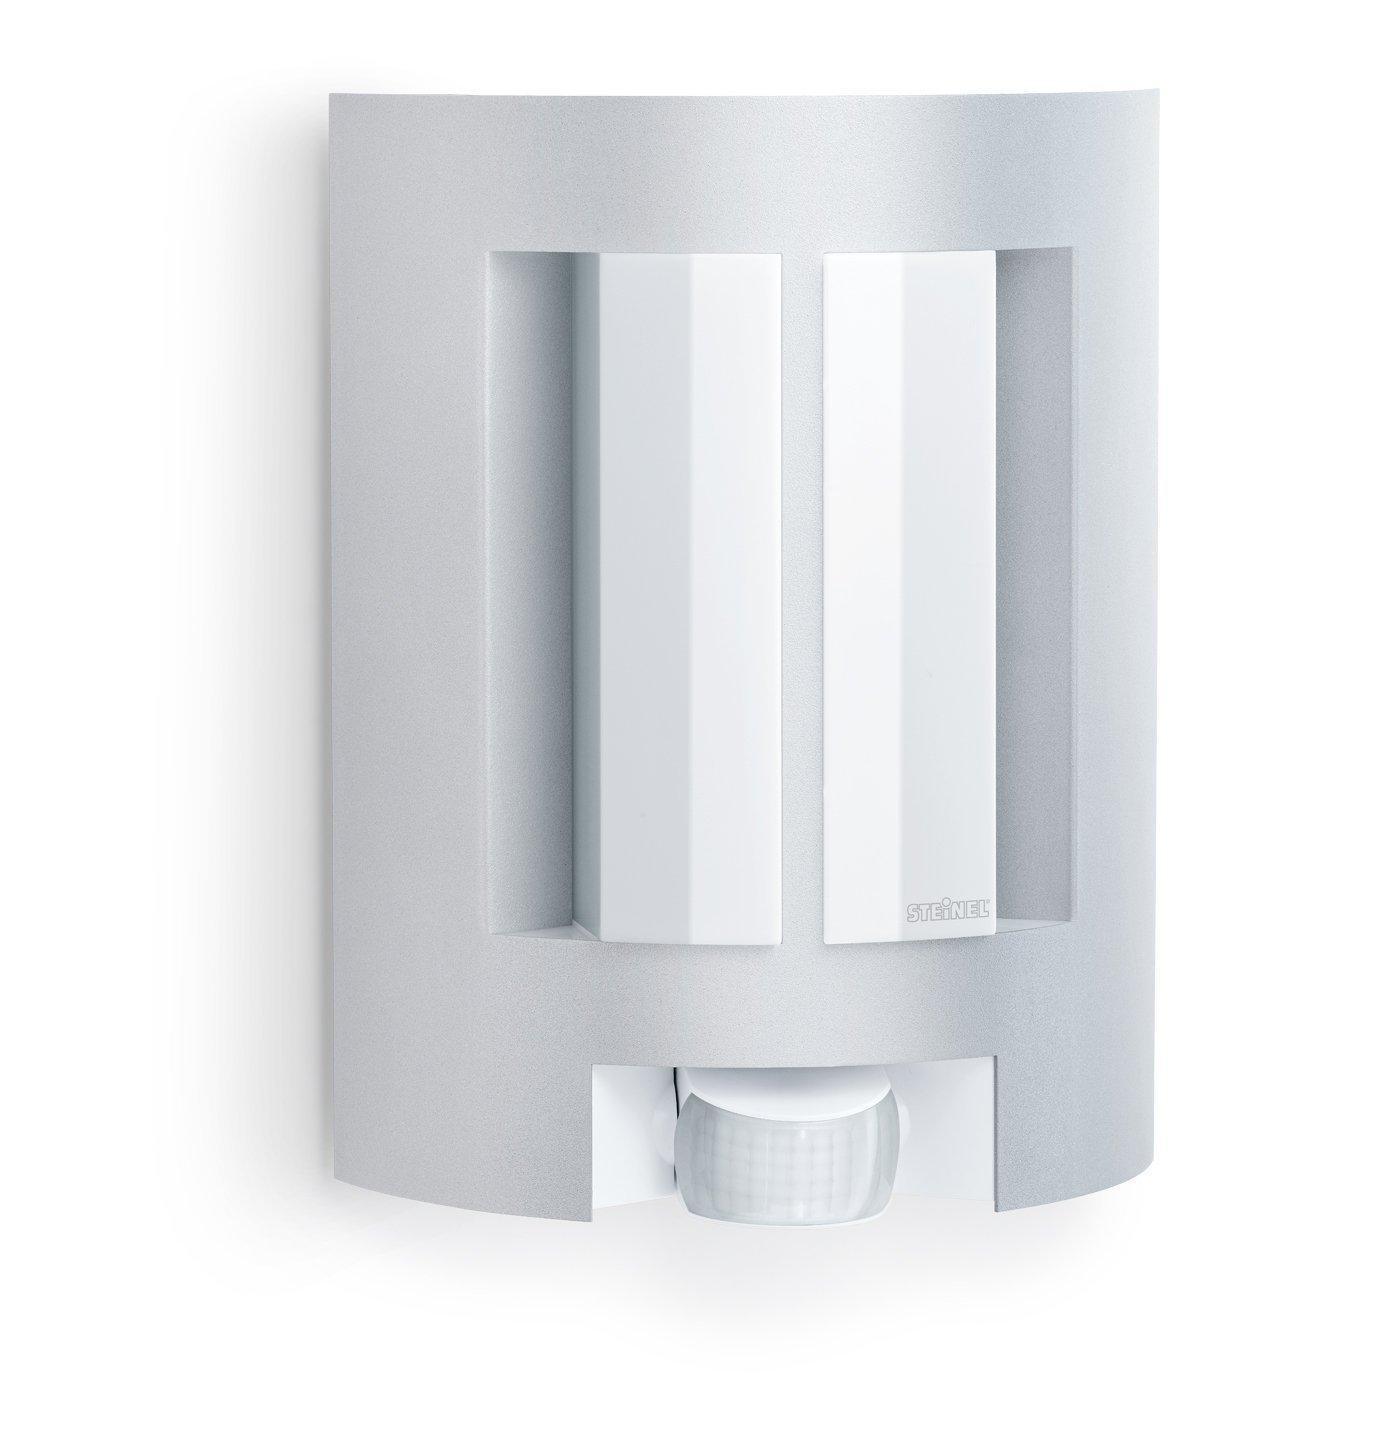 steinel lampada per esterni l 11 con sensore a raggi infrarossi angolo di rilevamento di 180. Black Bedroom Furniture Sets. Home Design Ideas